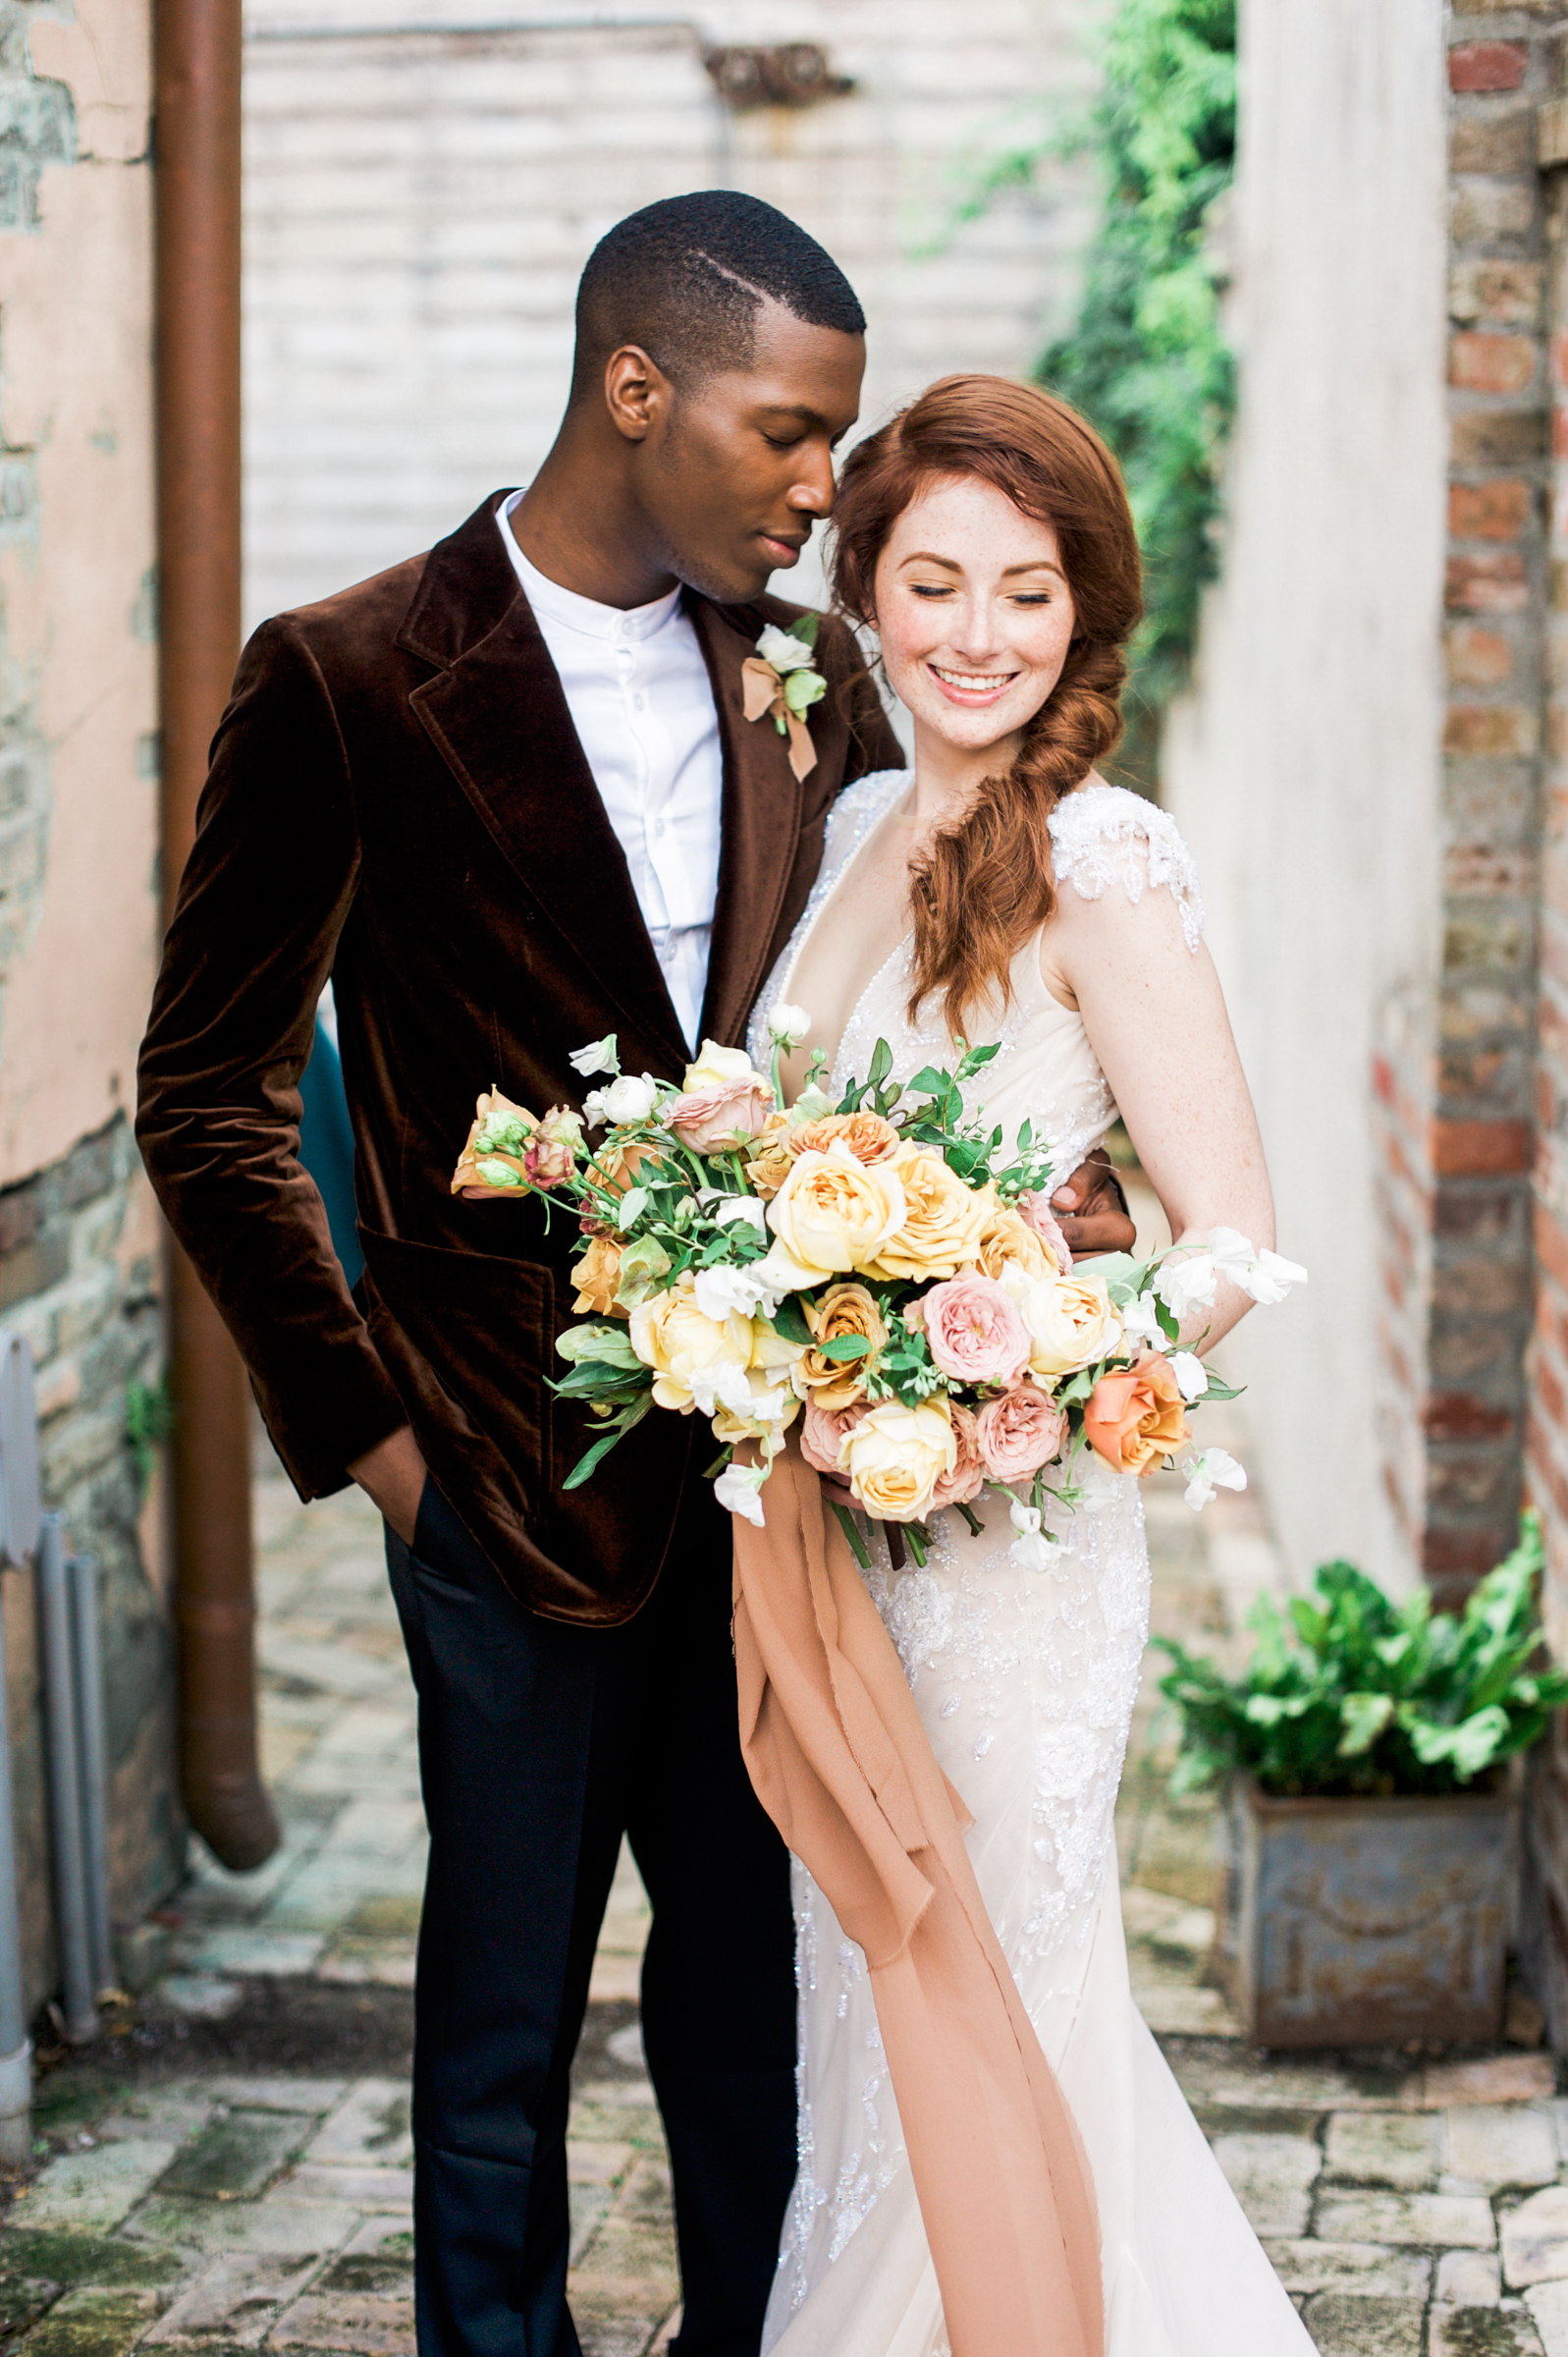 Race-and-religious-wedding-inspiration-shannon-skloss-200.jpg